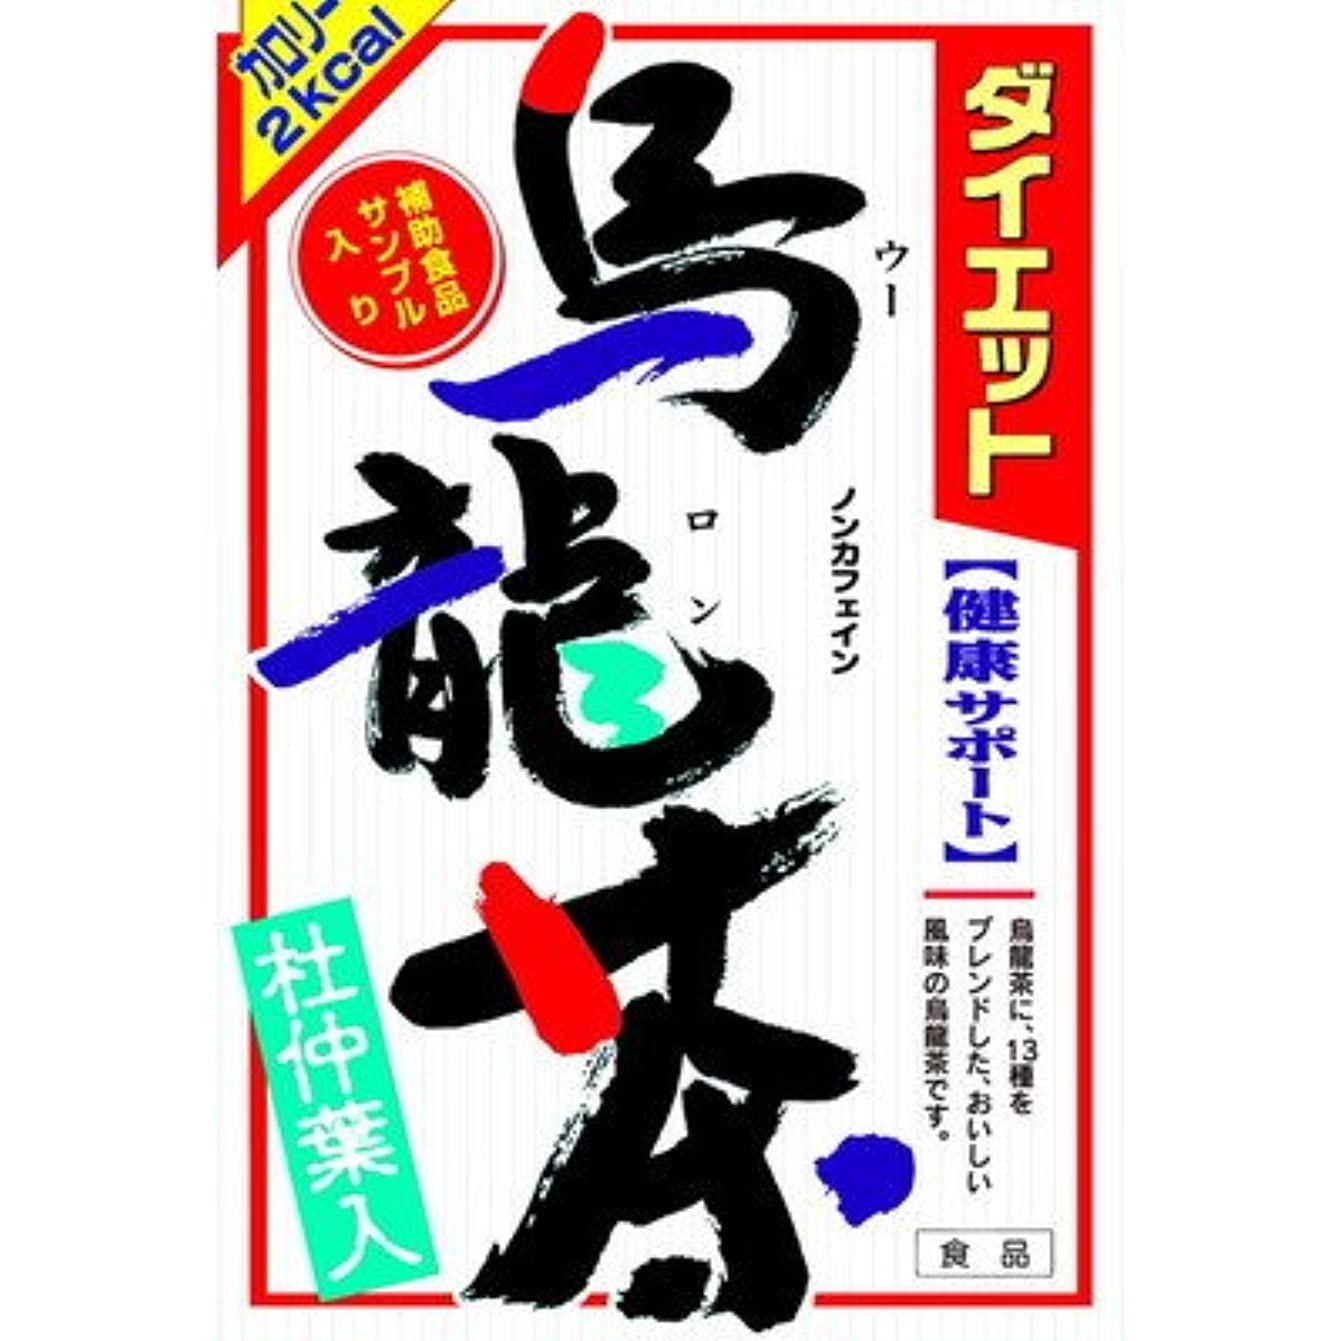 ショッピングセンター暗記する穴山本漢方 ダイエット烏龍茶 8g x 24包【2個セット】